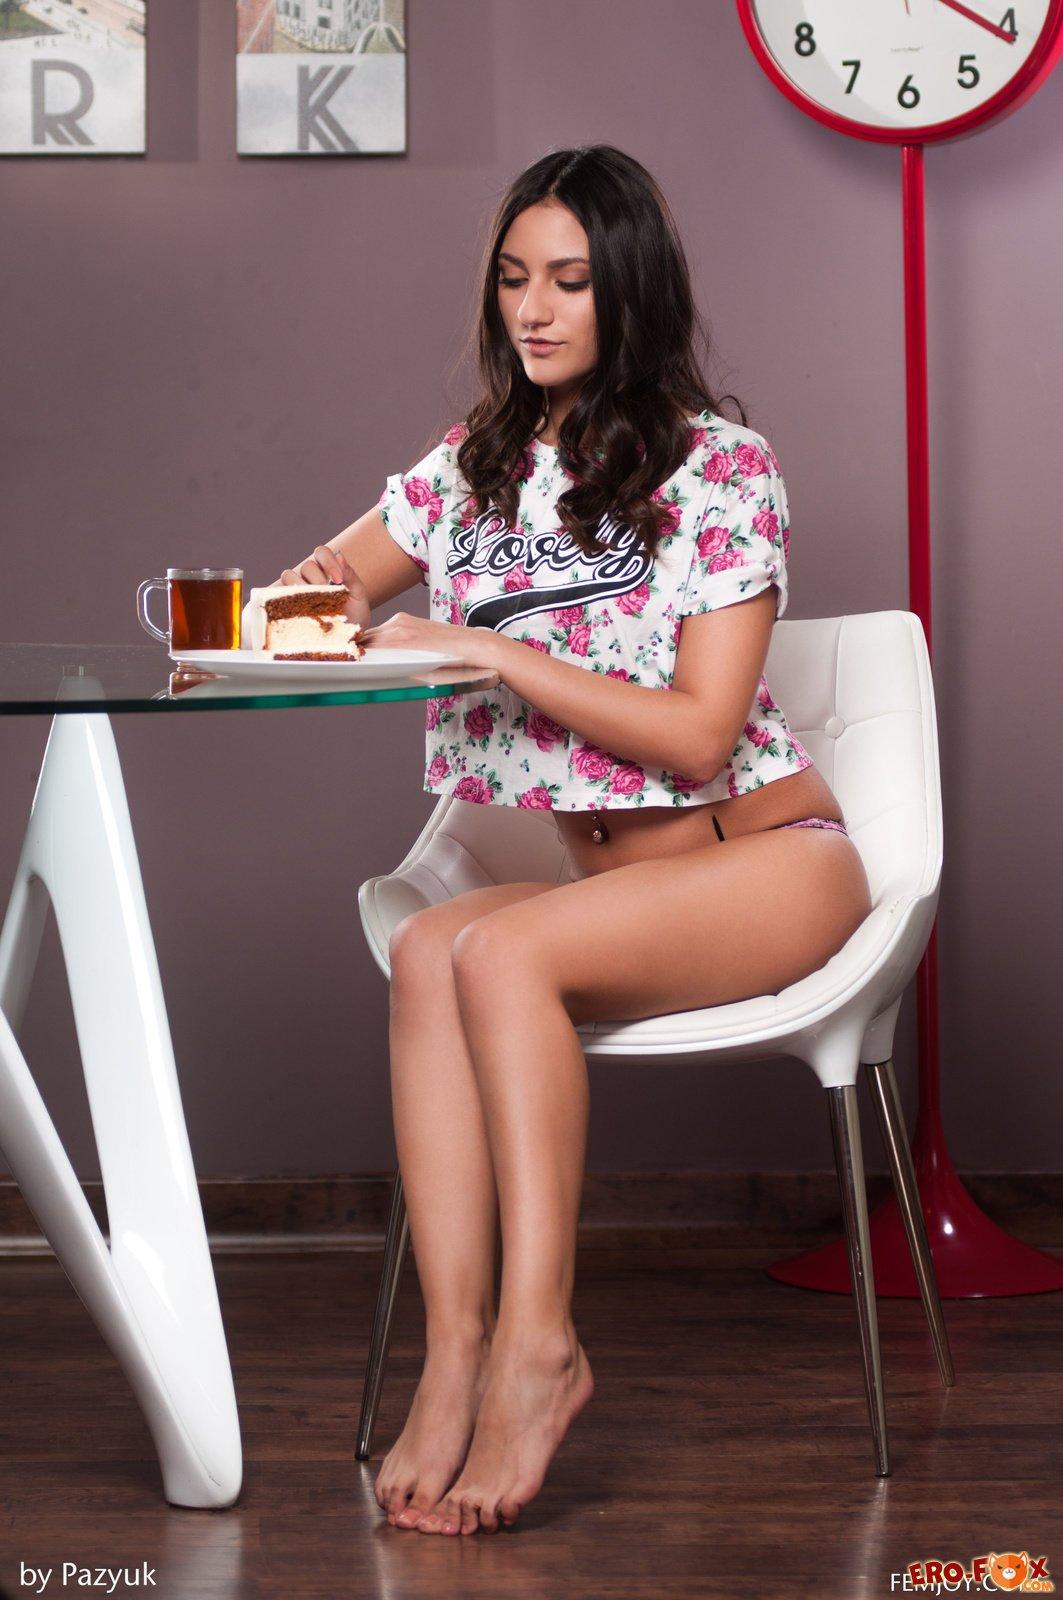 Голая девушка пьёт чай с тортом